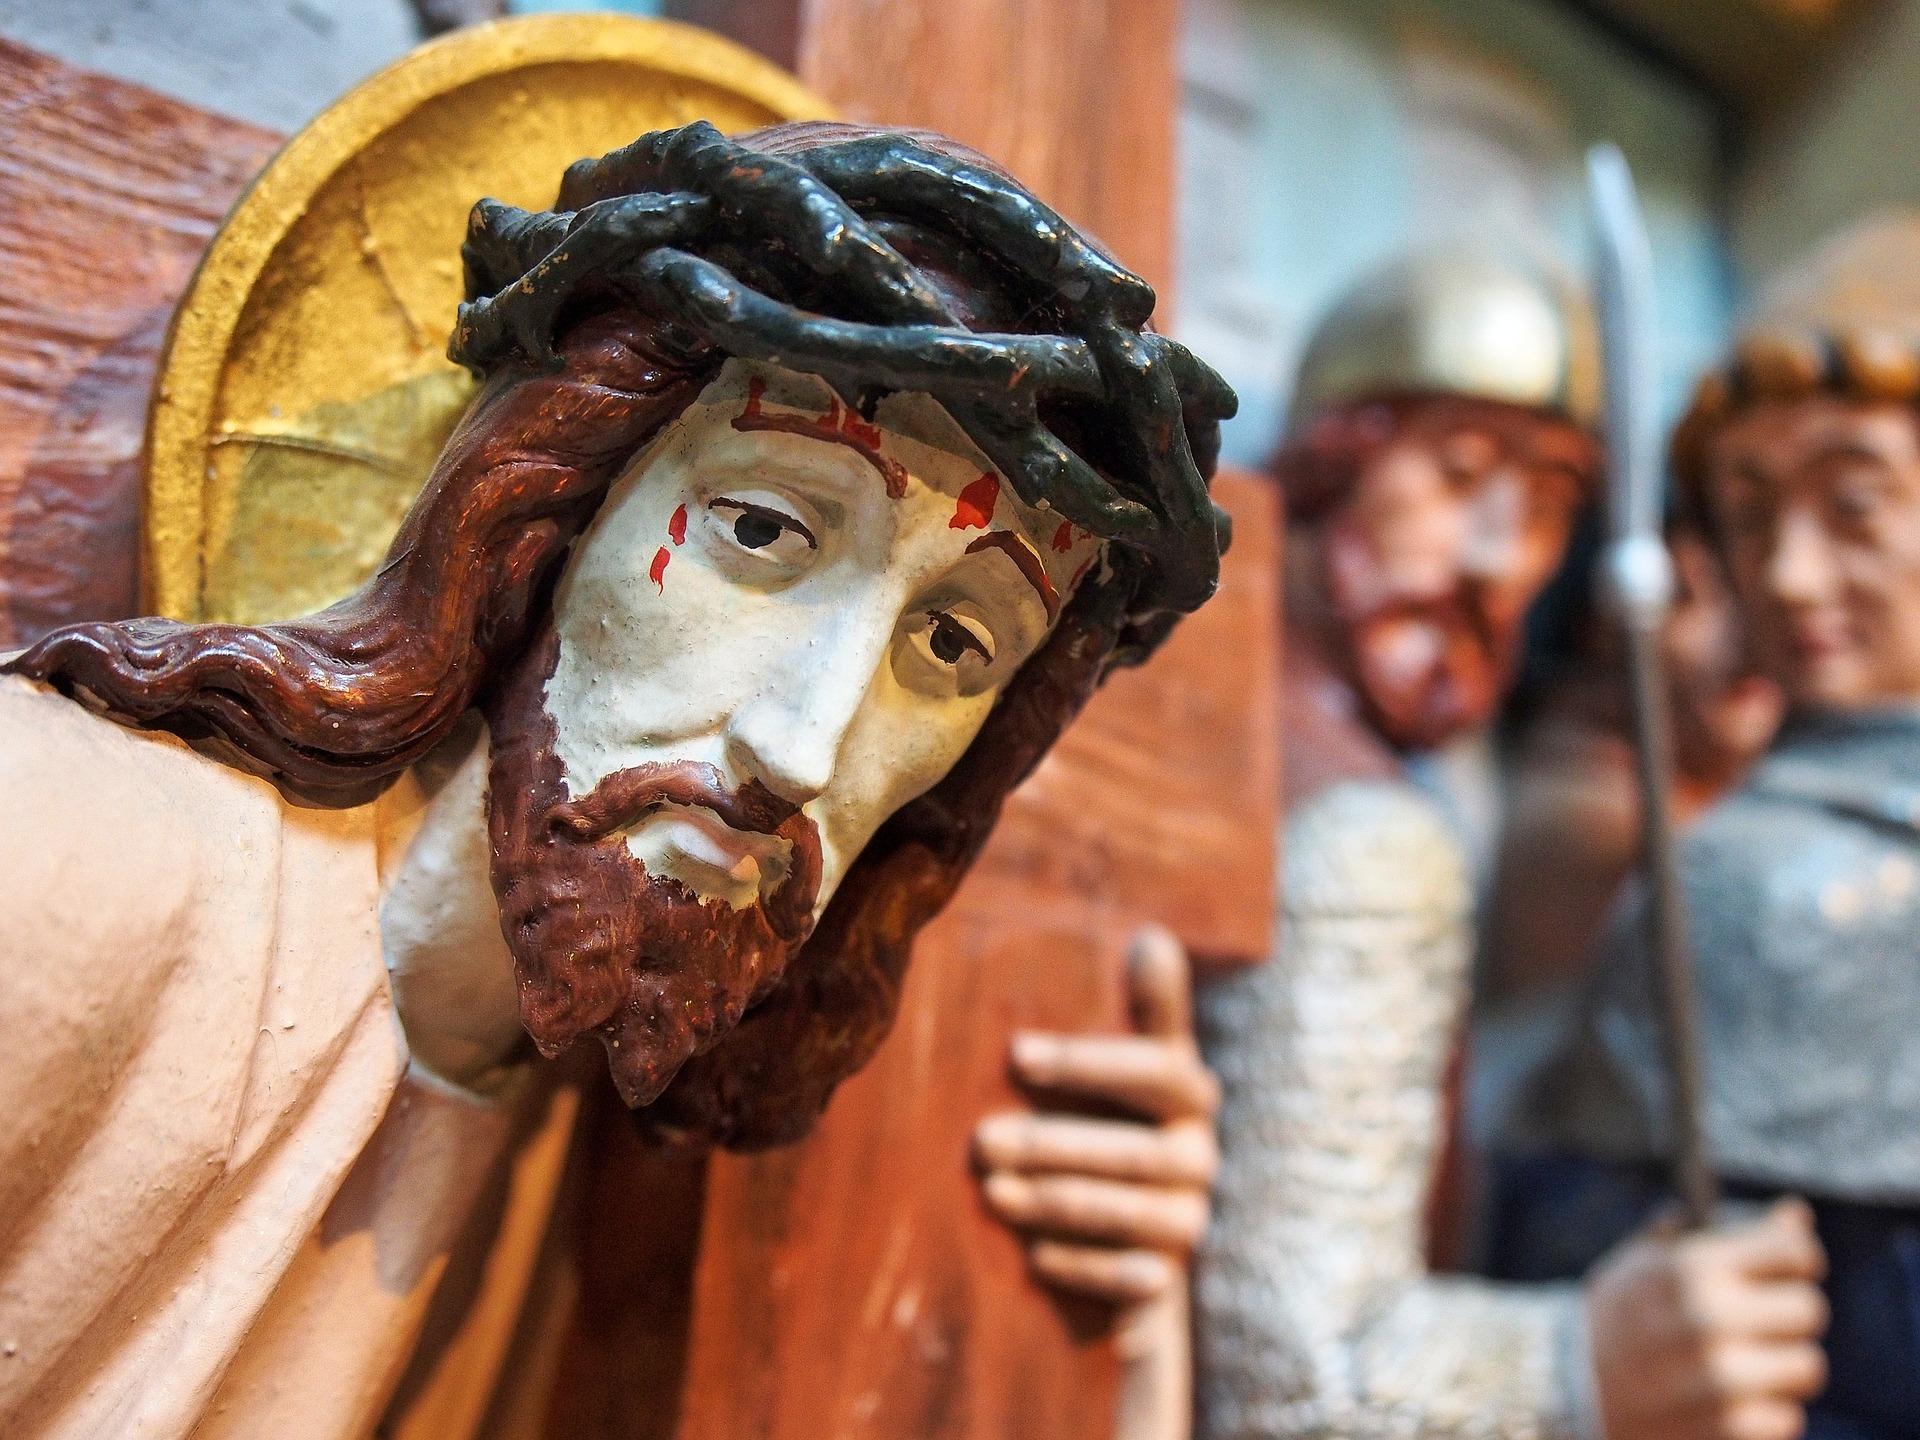 <p>Wielki Tydzień - najważniejszy czas dla Kościoła katolickiego. Czy wiesz, co tak naprawdę przeżywamy w tym czasie?</p>